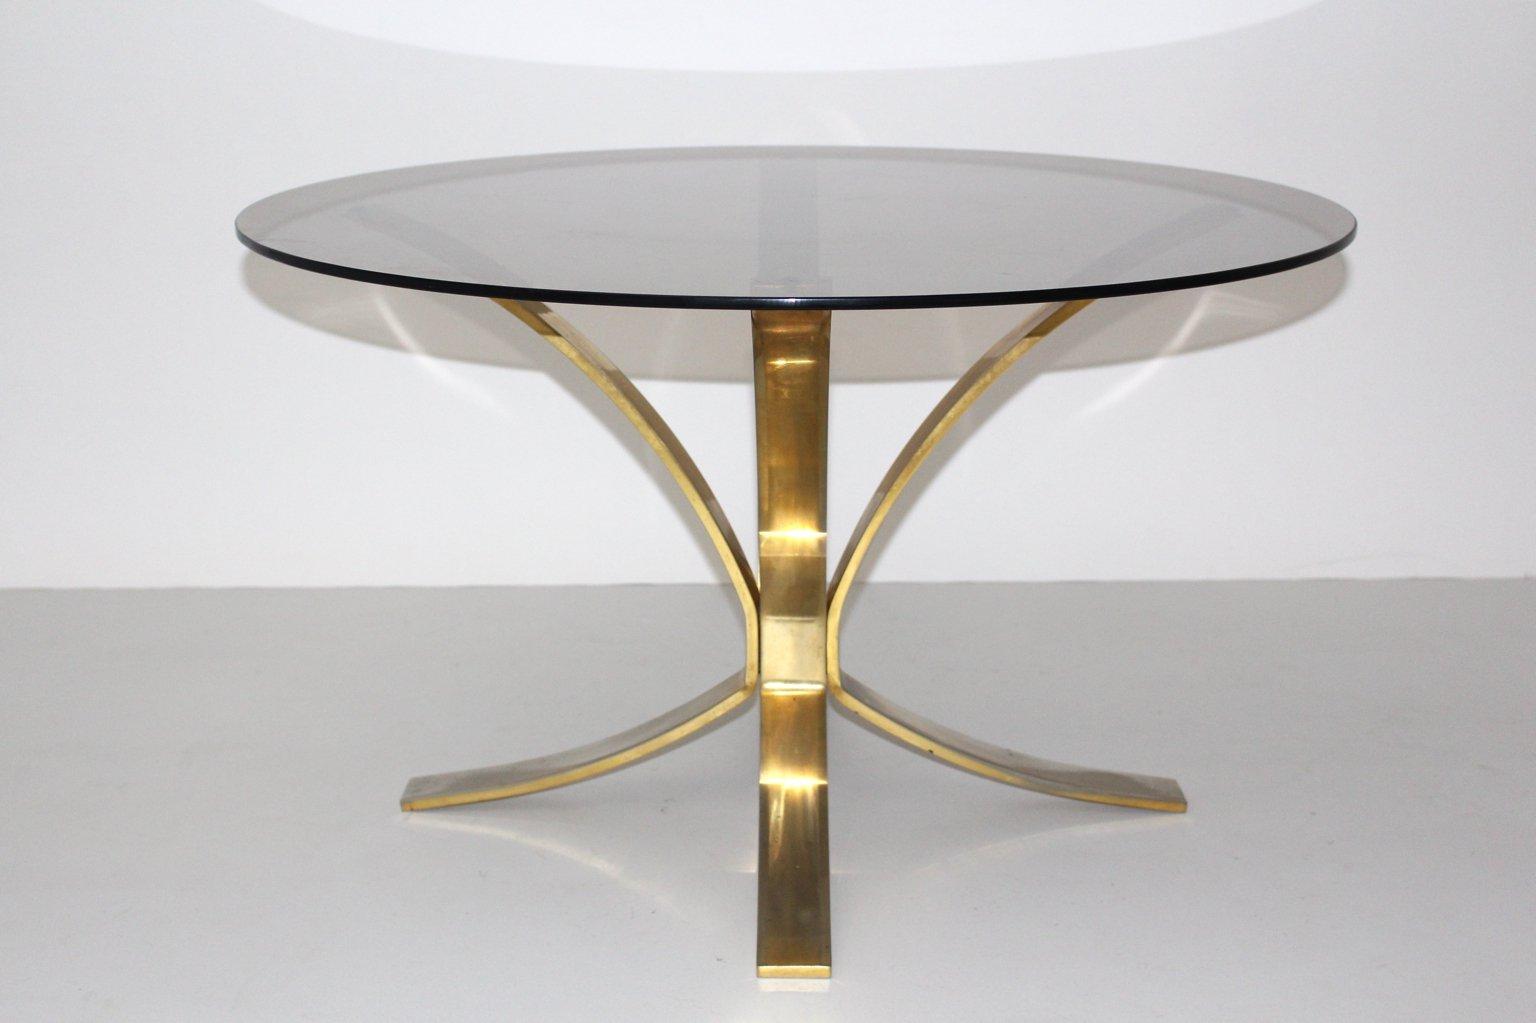 Runder Couchtisch von Roger Sprunger für Dunbar Furniture